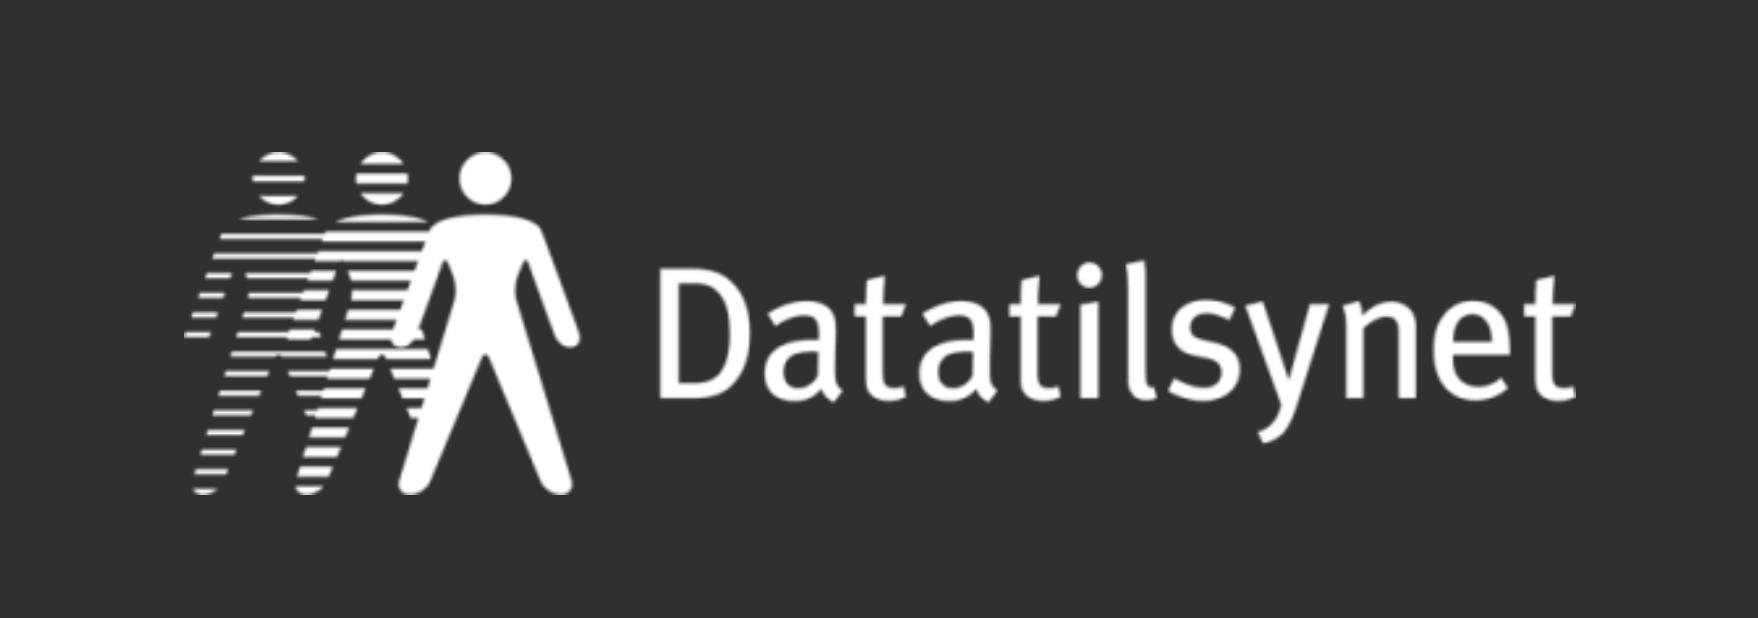 Hvor går Datatilsynet videre?